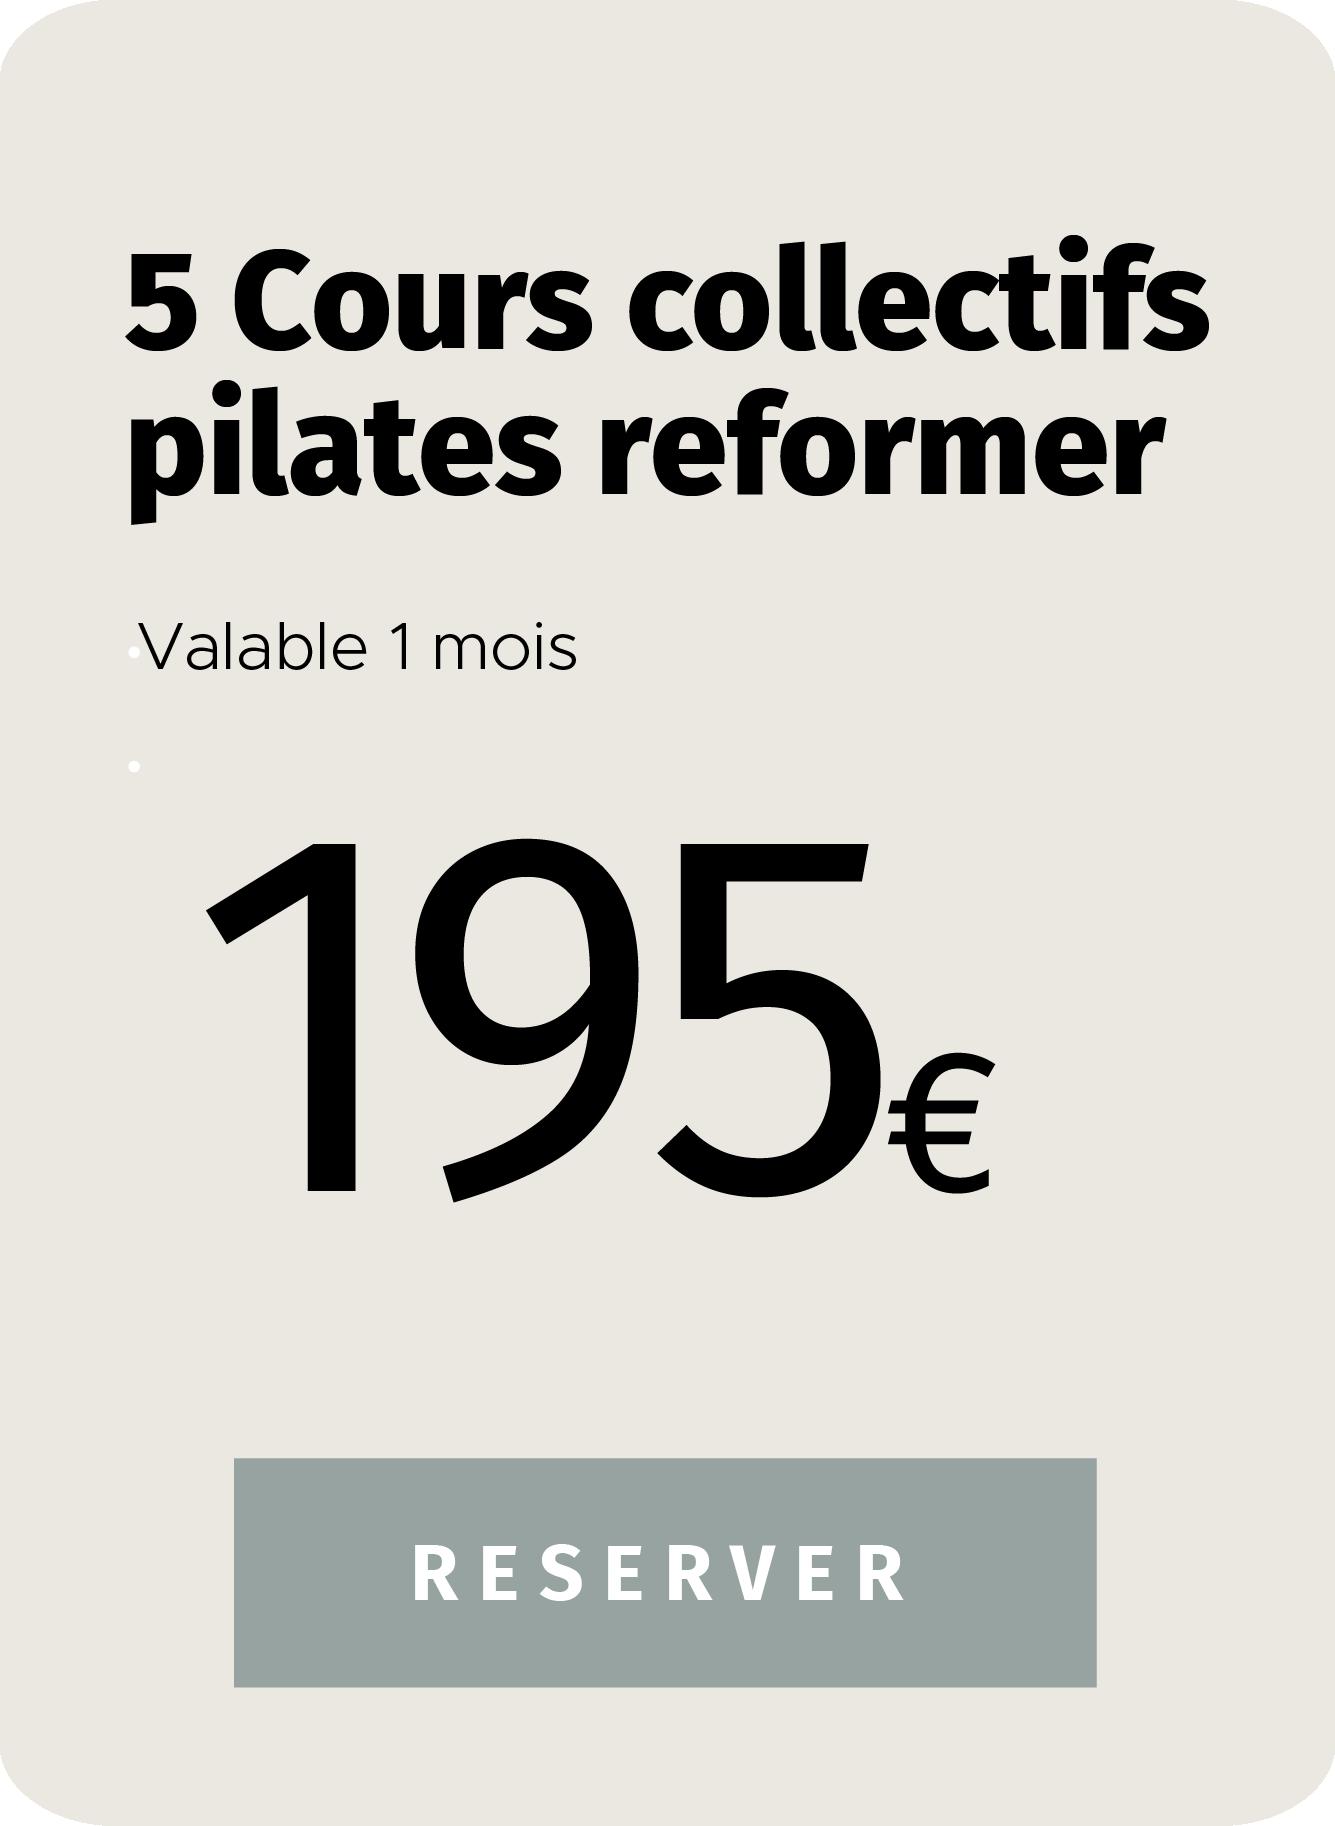 5-cours-pilates-reformer-studio-paris-machine-2